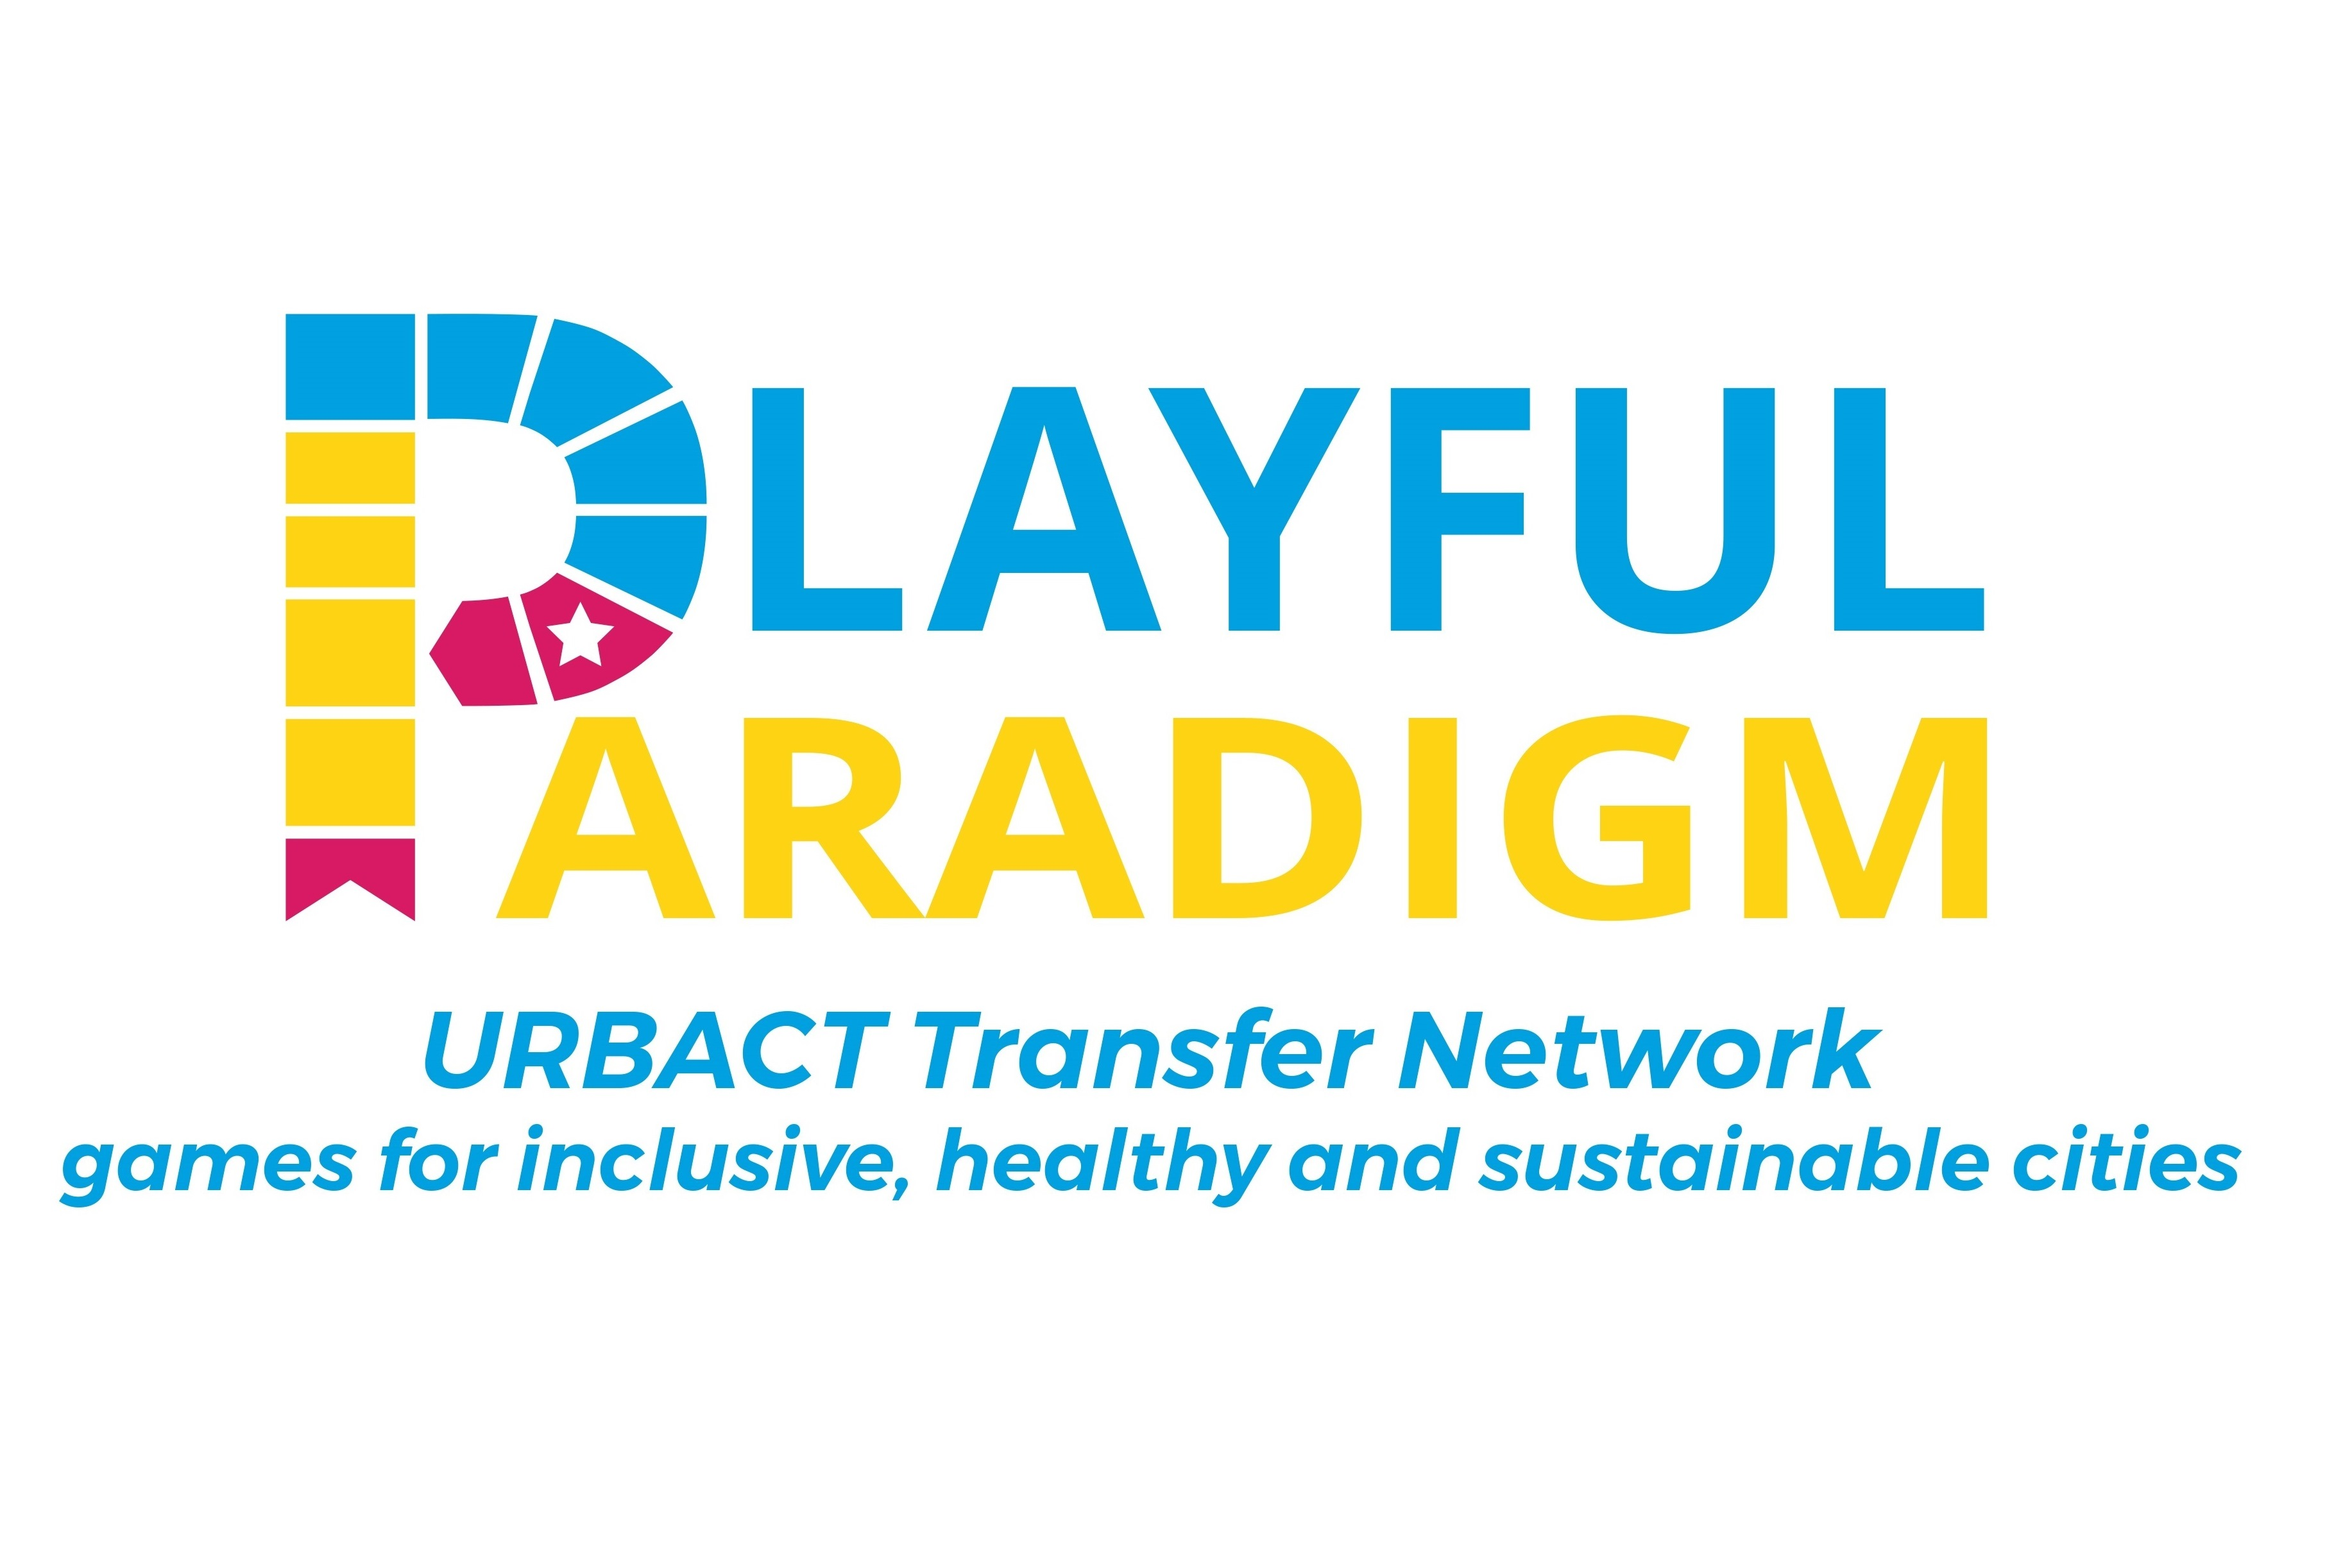 http://www.novigrad.hr/novigrad_u_urbact_ovoj_mrezhi_the_playful_paradigm